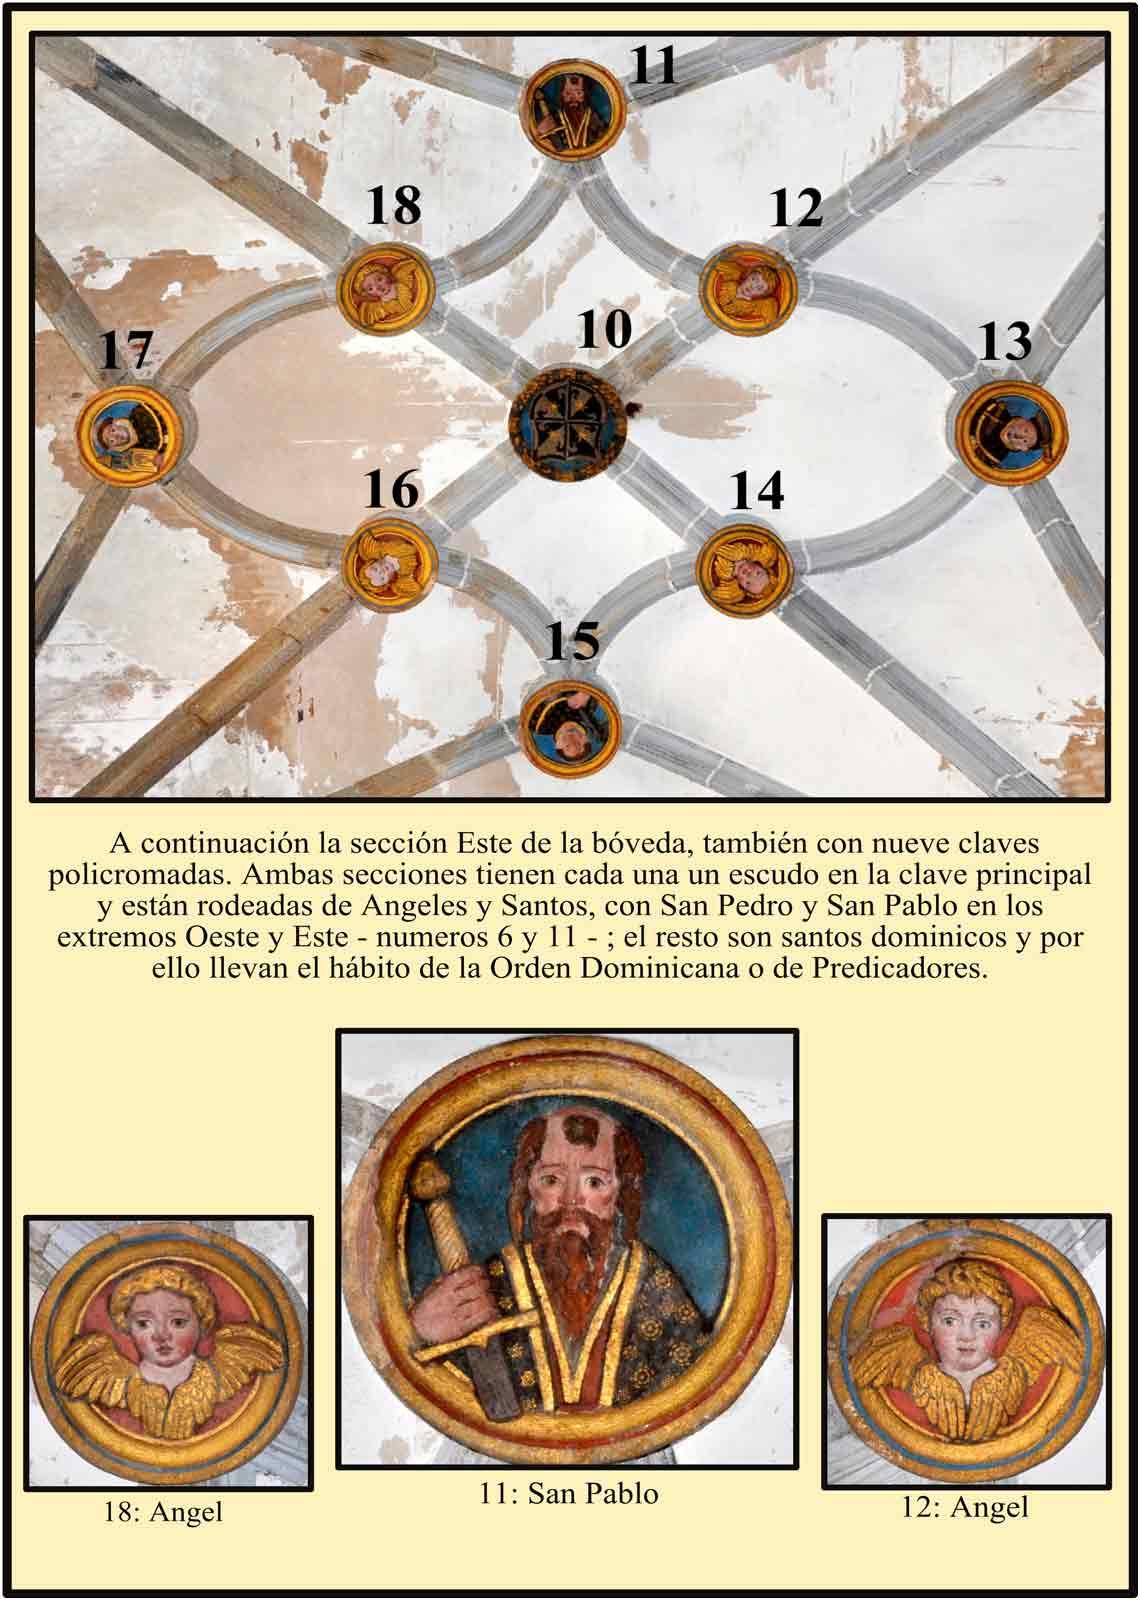 Sacristia boveda San Pablo Escudo de Predicadores y otros santos dominicos